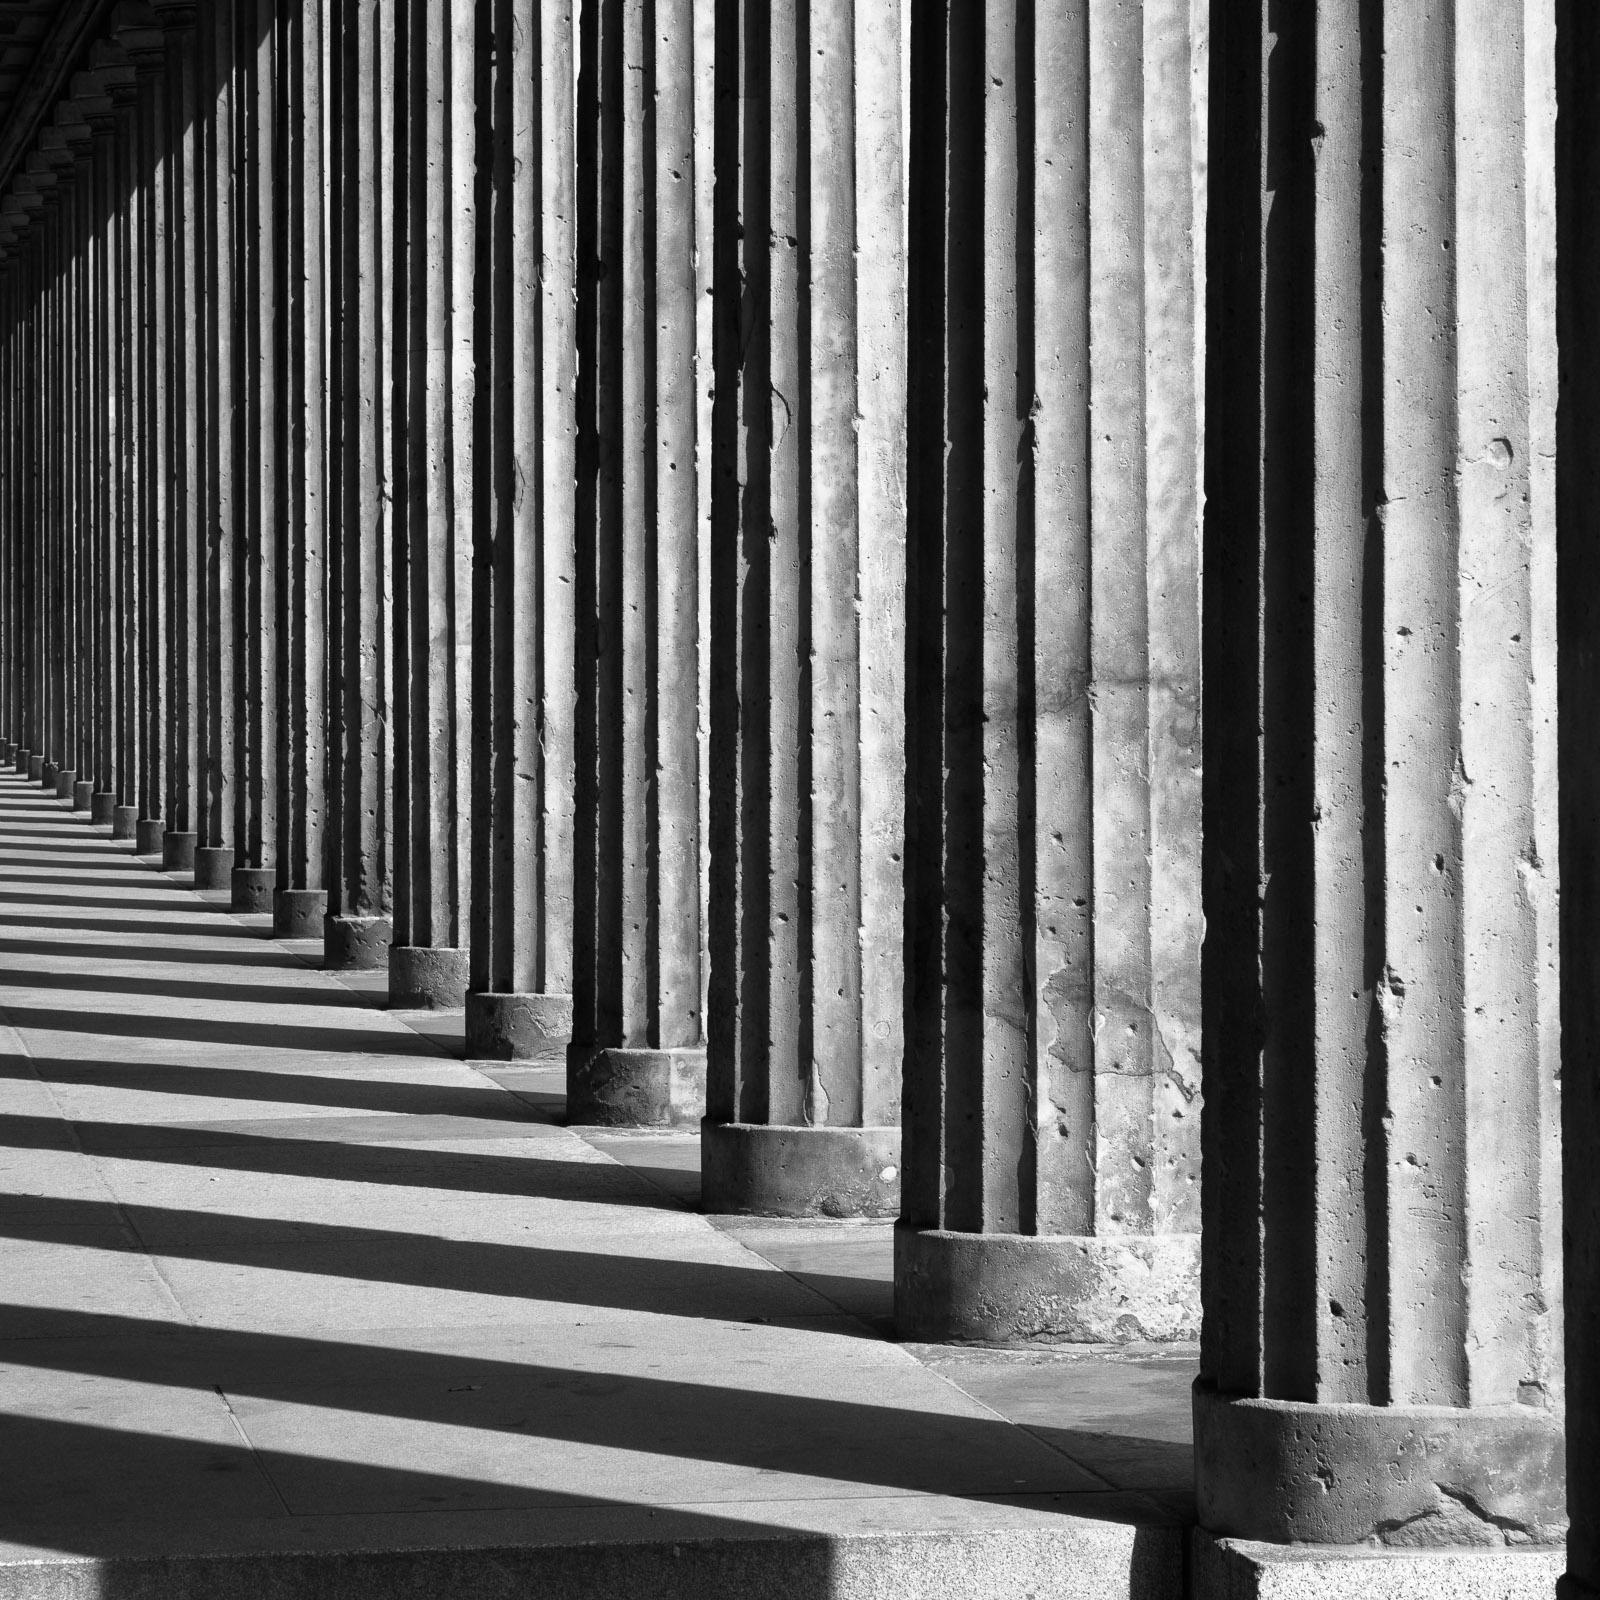 Columns, Berlin